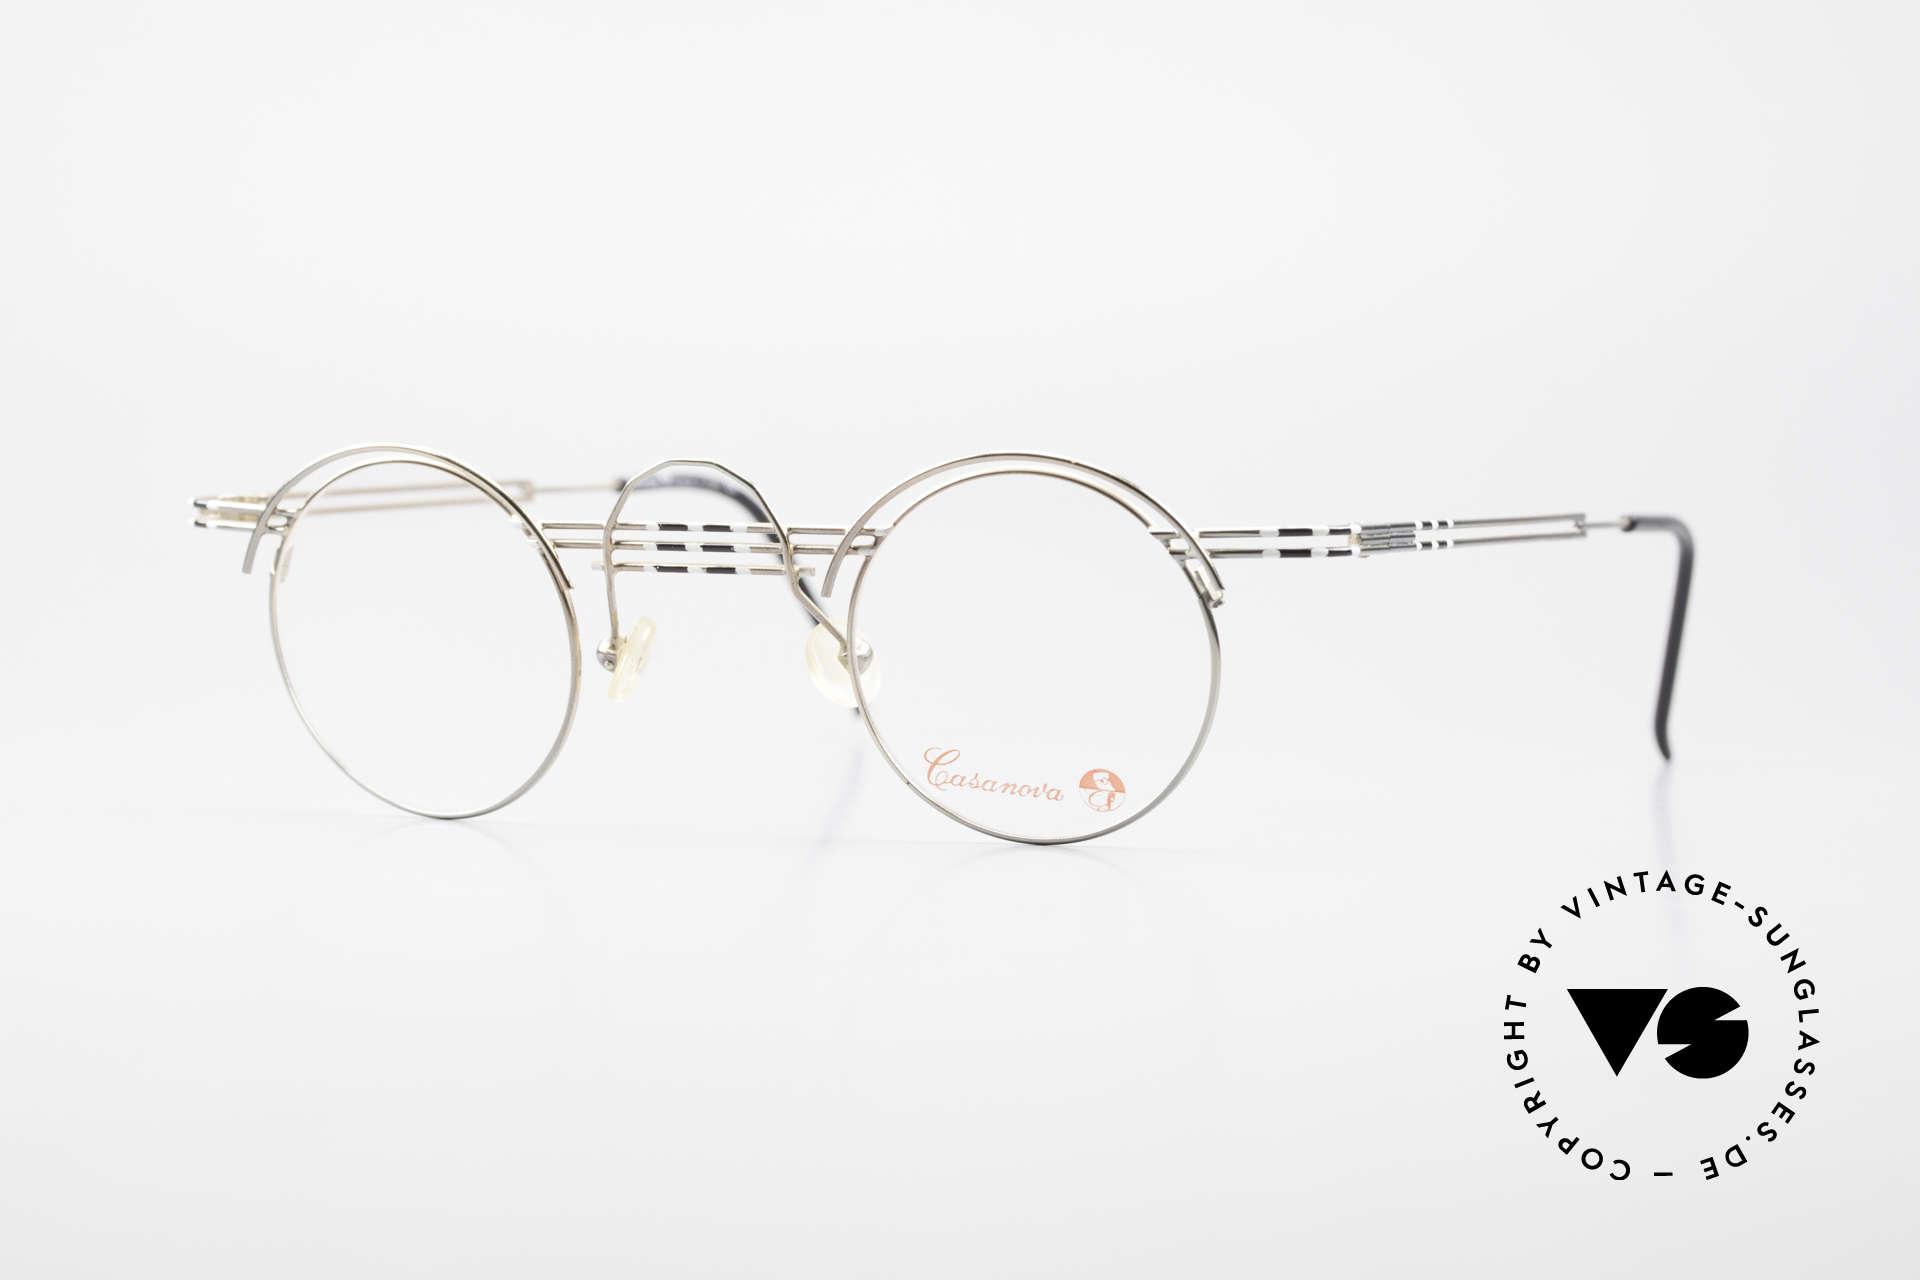 Casanova BC1 Artful Panto Designer Glasses, artful Panto designer eyeglasses by Casanova, 1980's, Made for Women